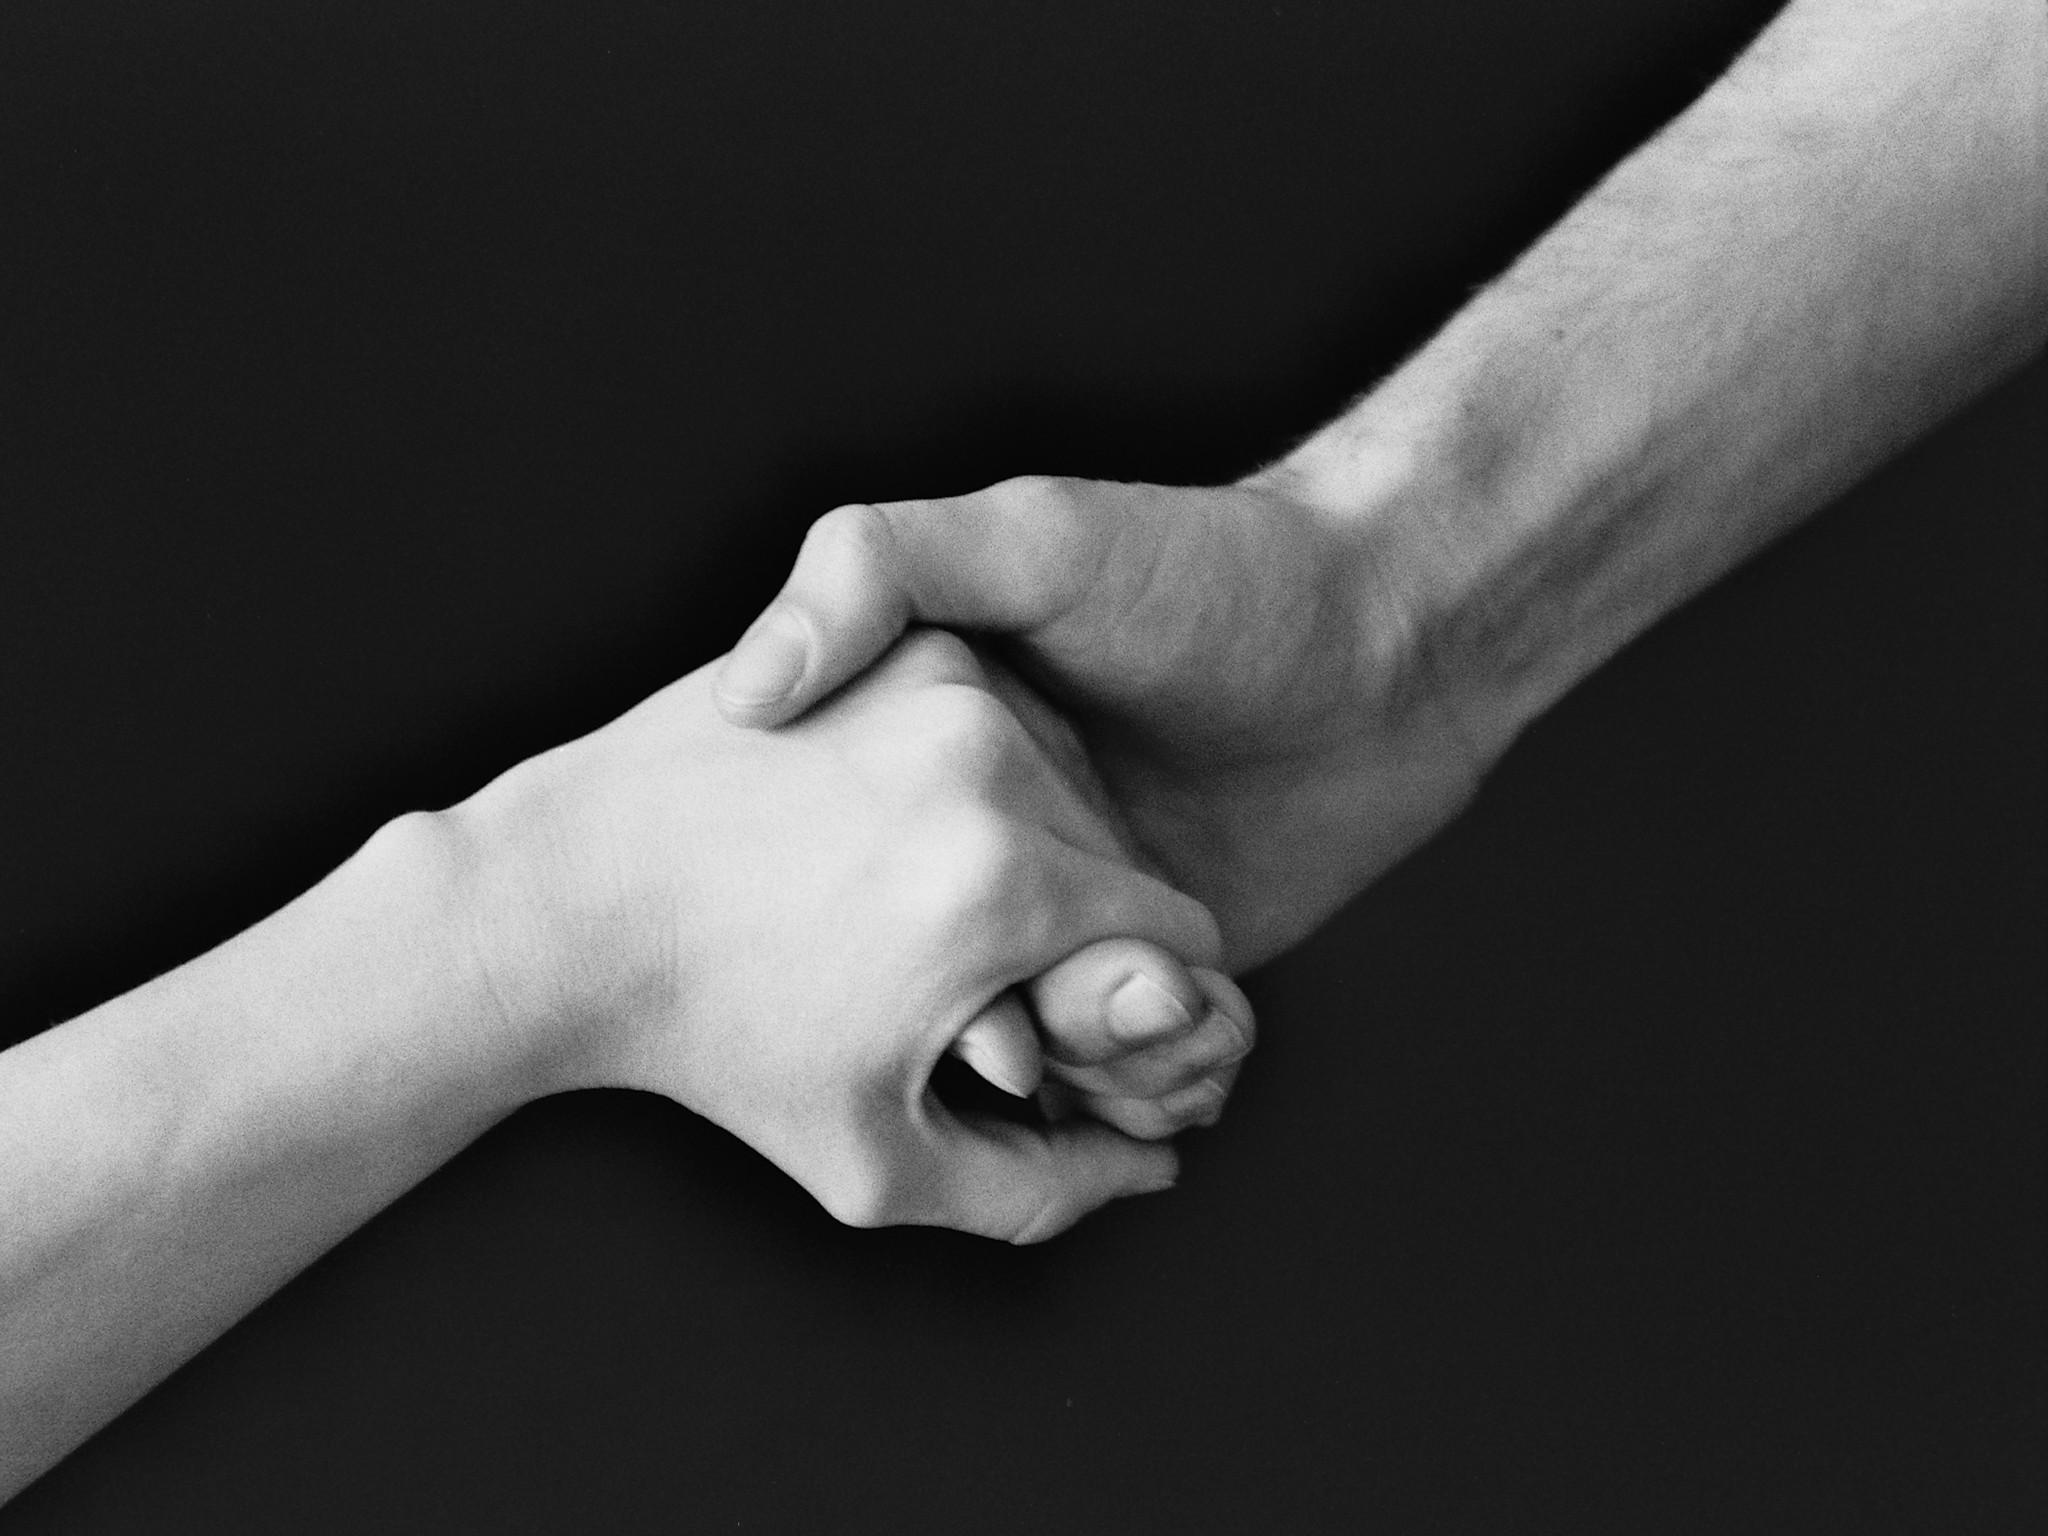 Imatge que simbolitza cooperació